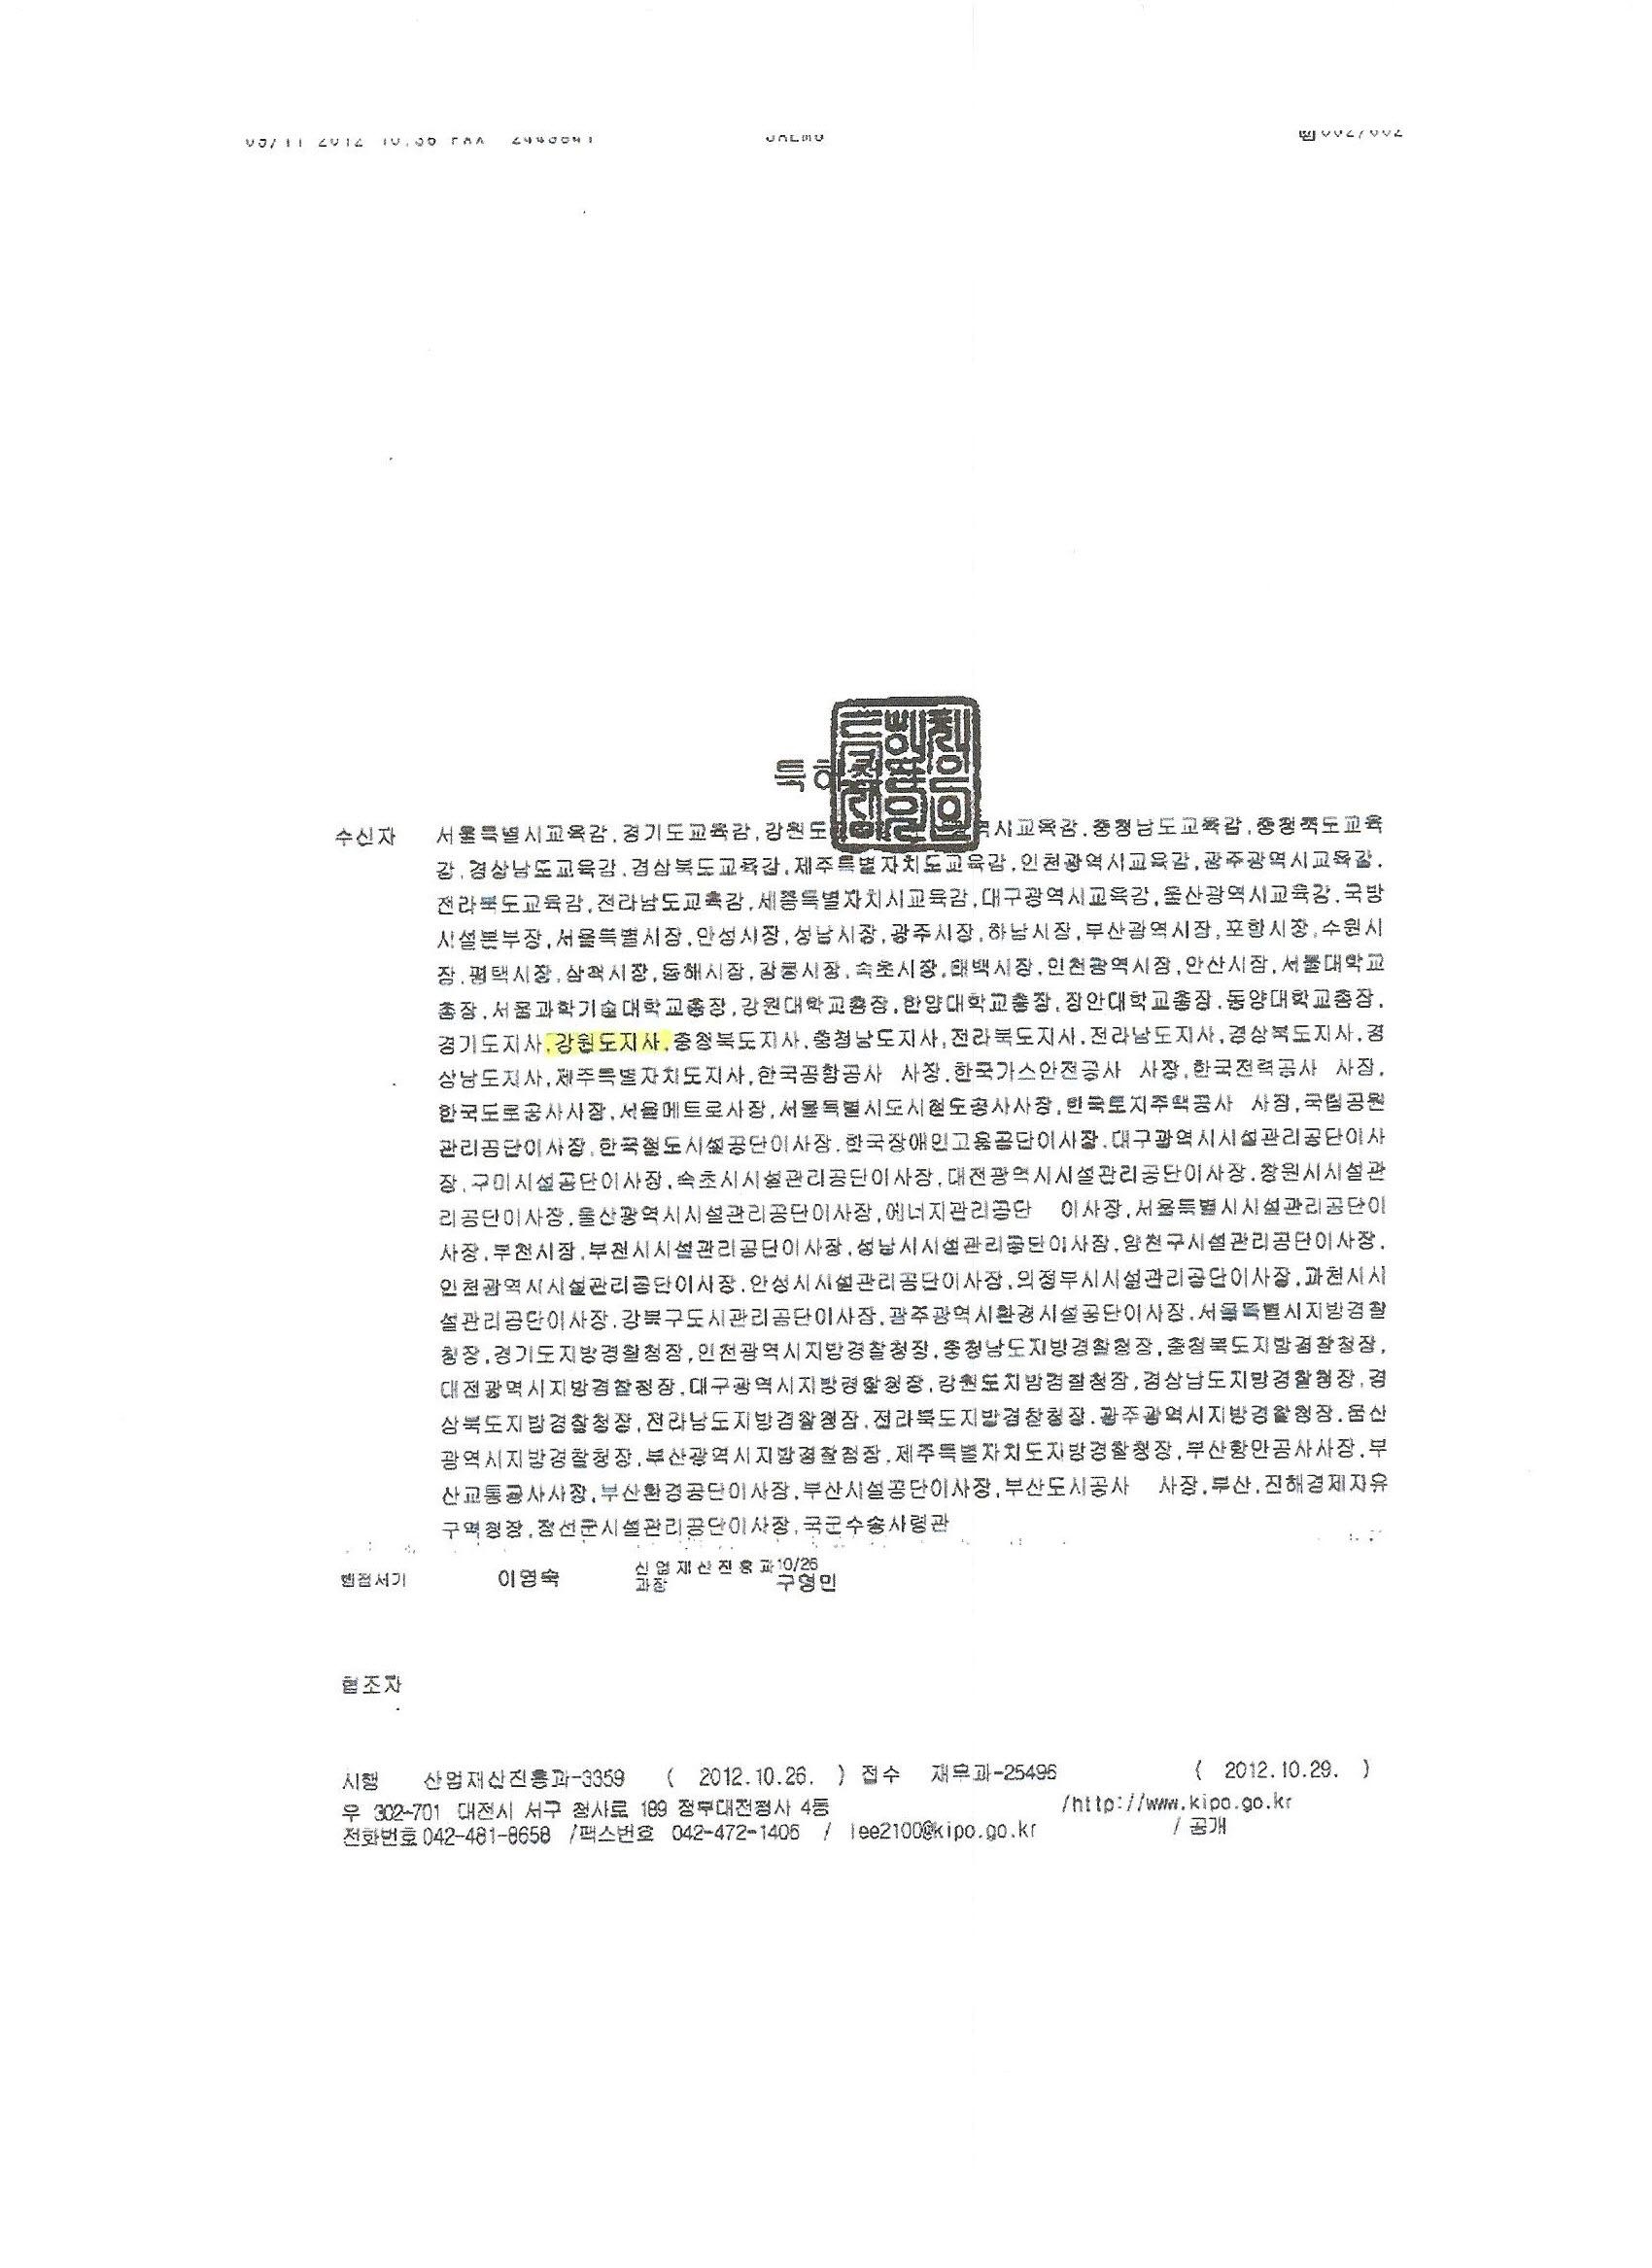 특허청 우수발명품 선정2.jpg